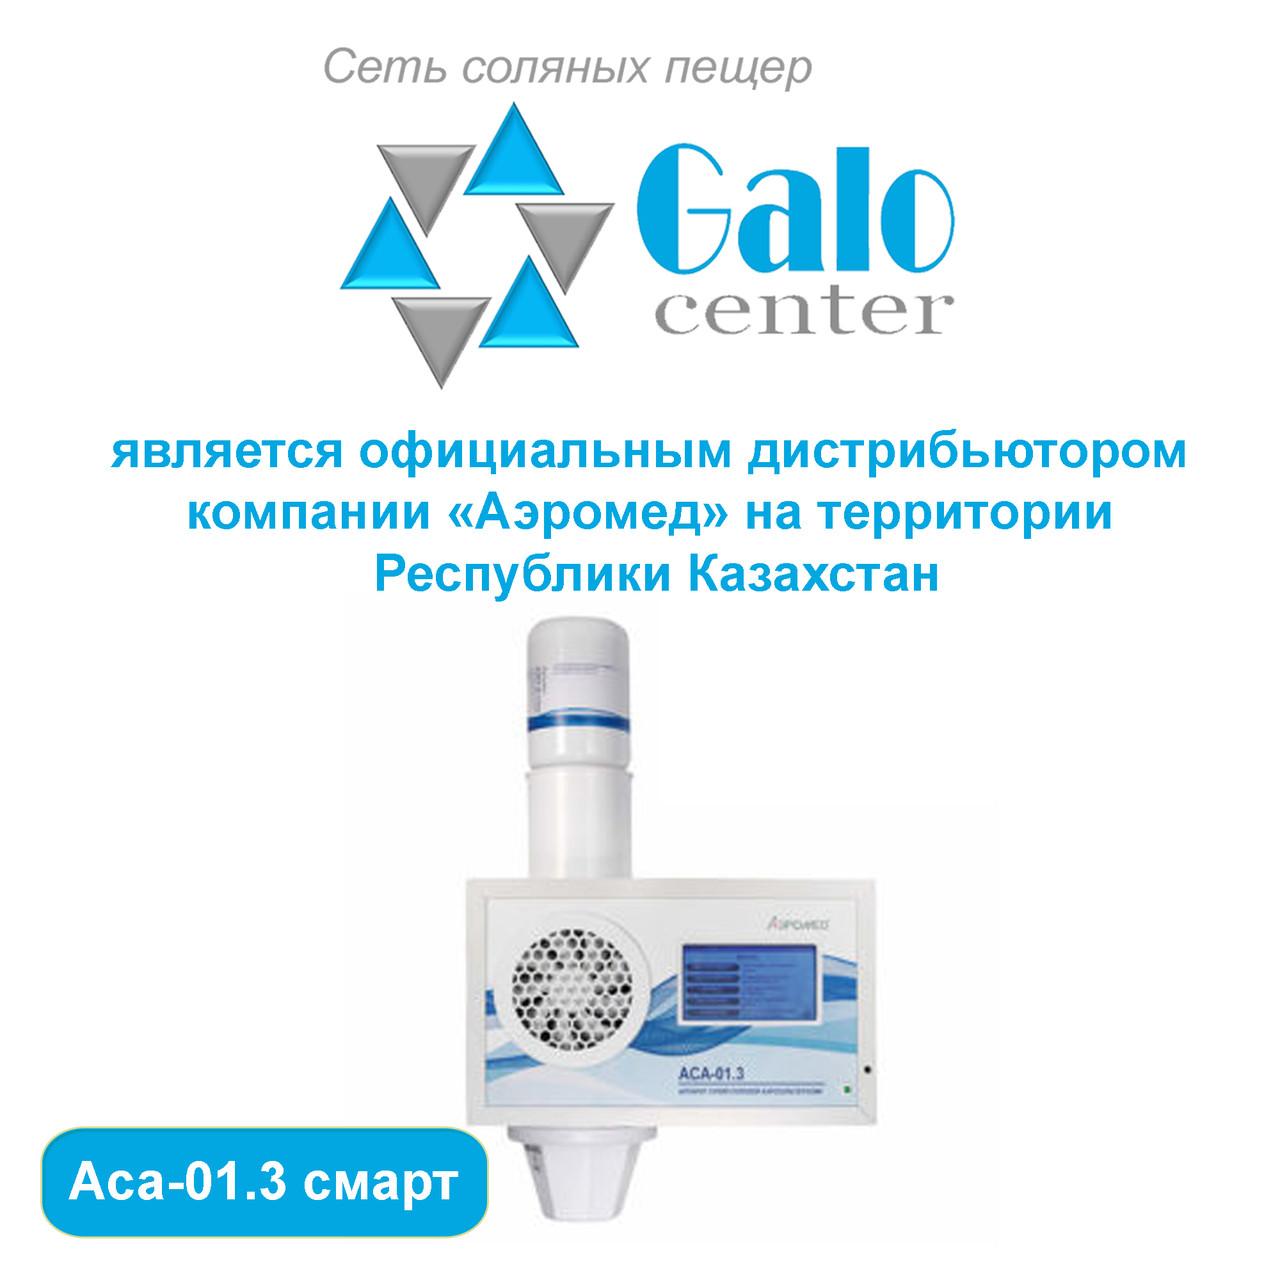 Галогенератор АСА-01.3  СМАРТ: медицинское оборудование для соляных пещер